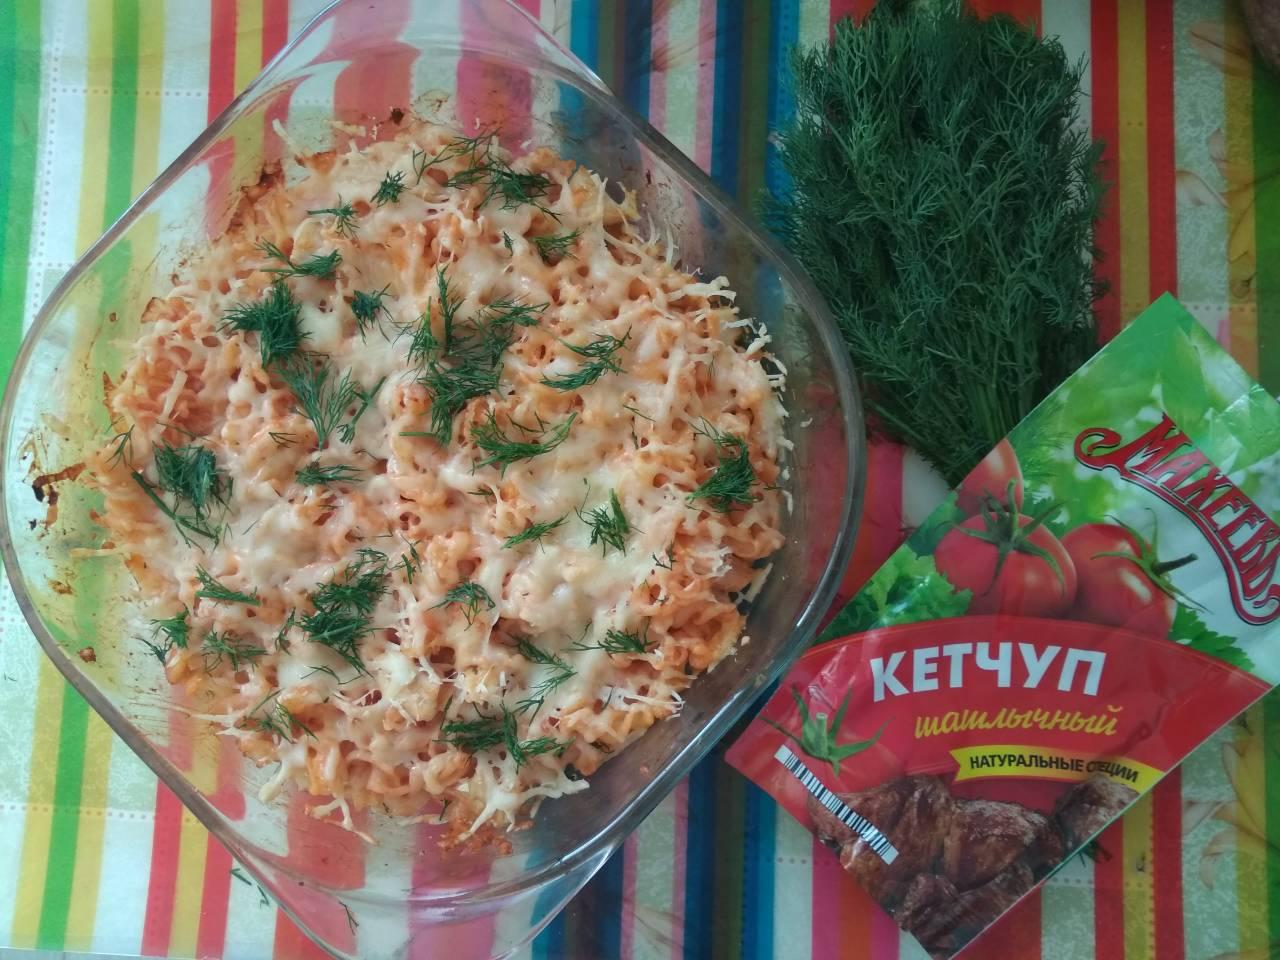 Спиральки, запеченные с двумя сырами и индейкой под томатным соусом)